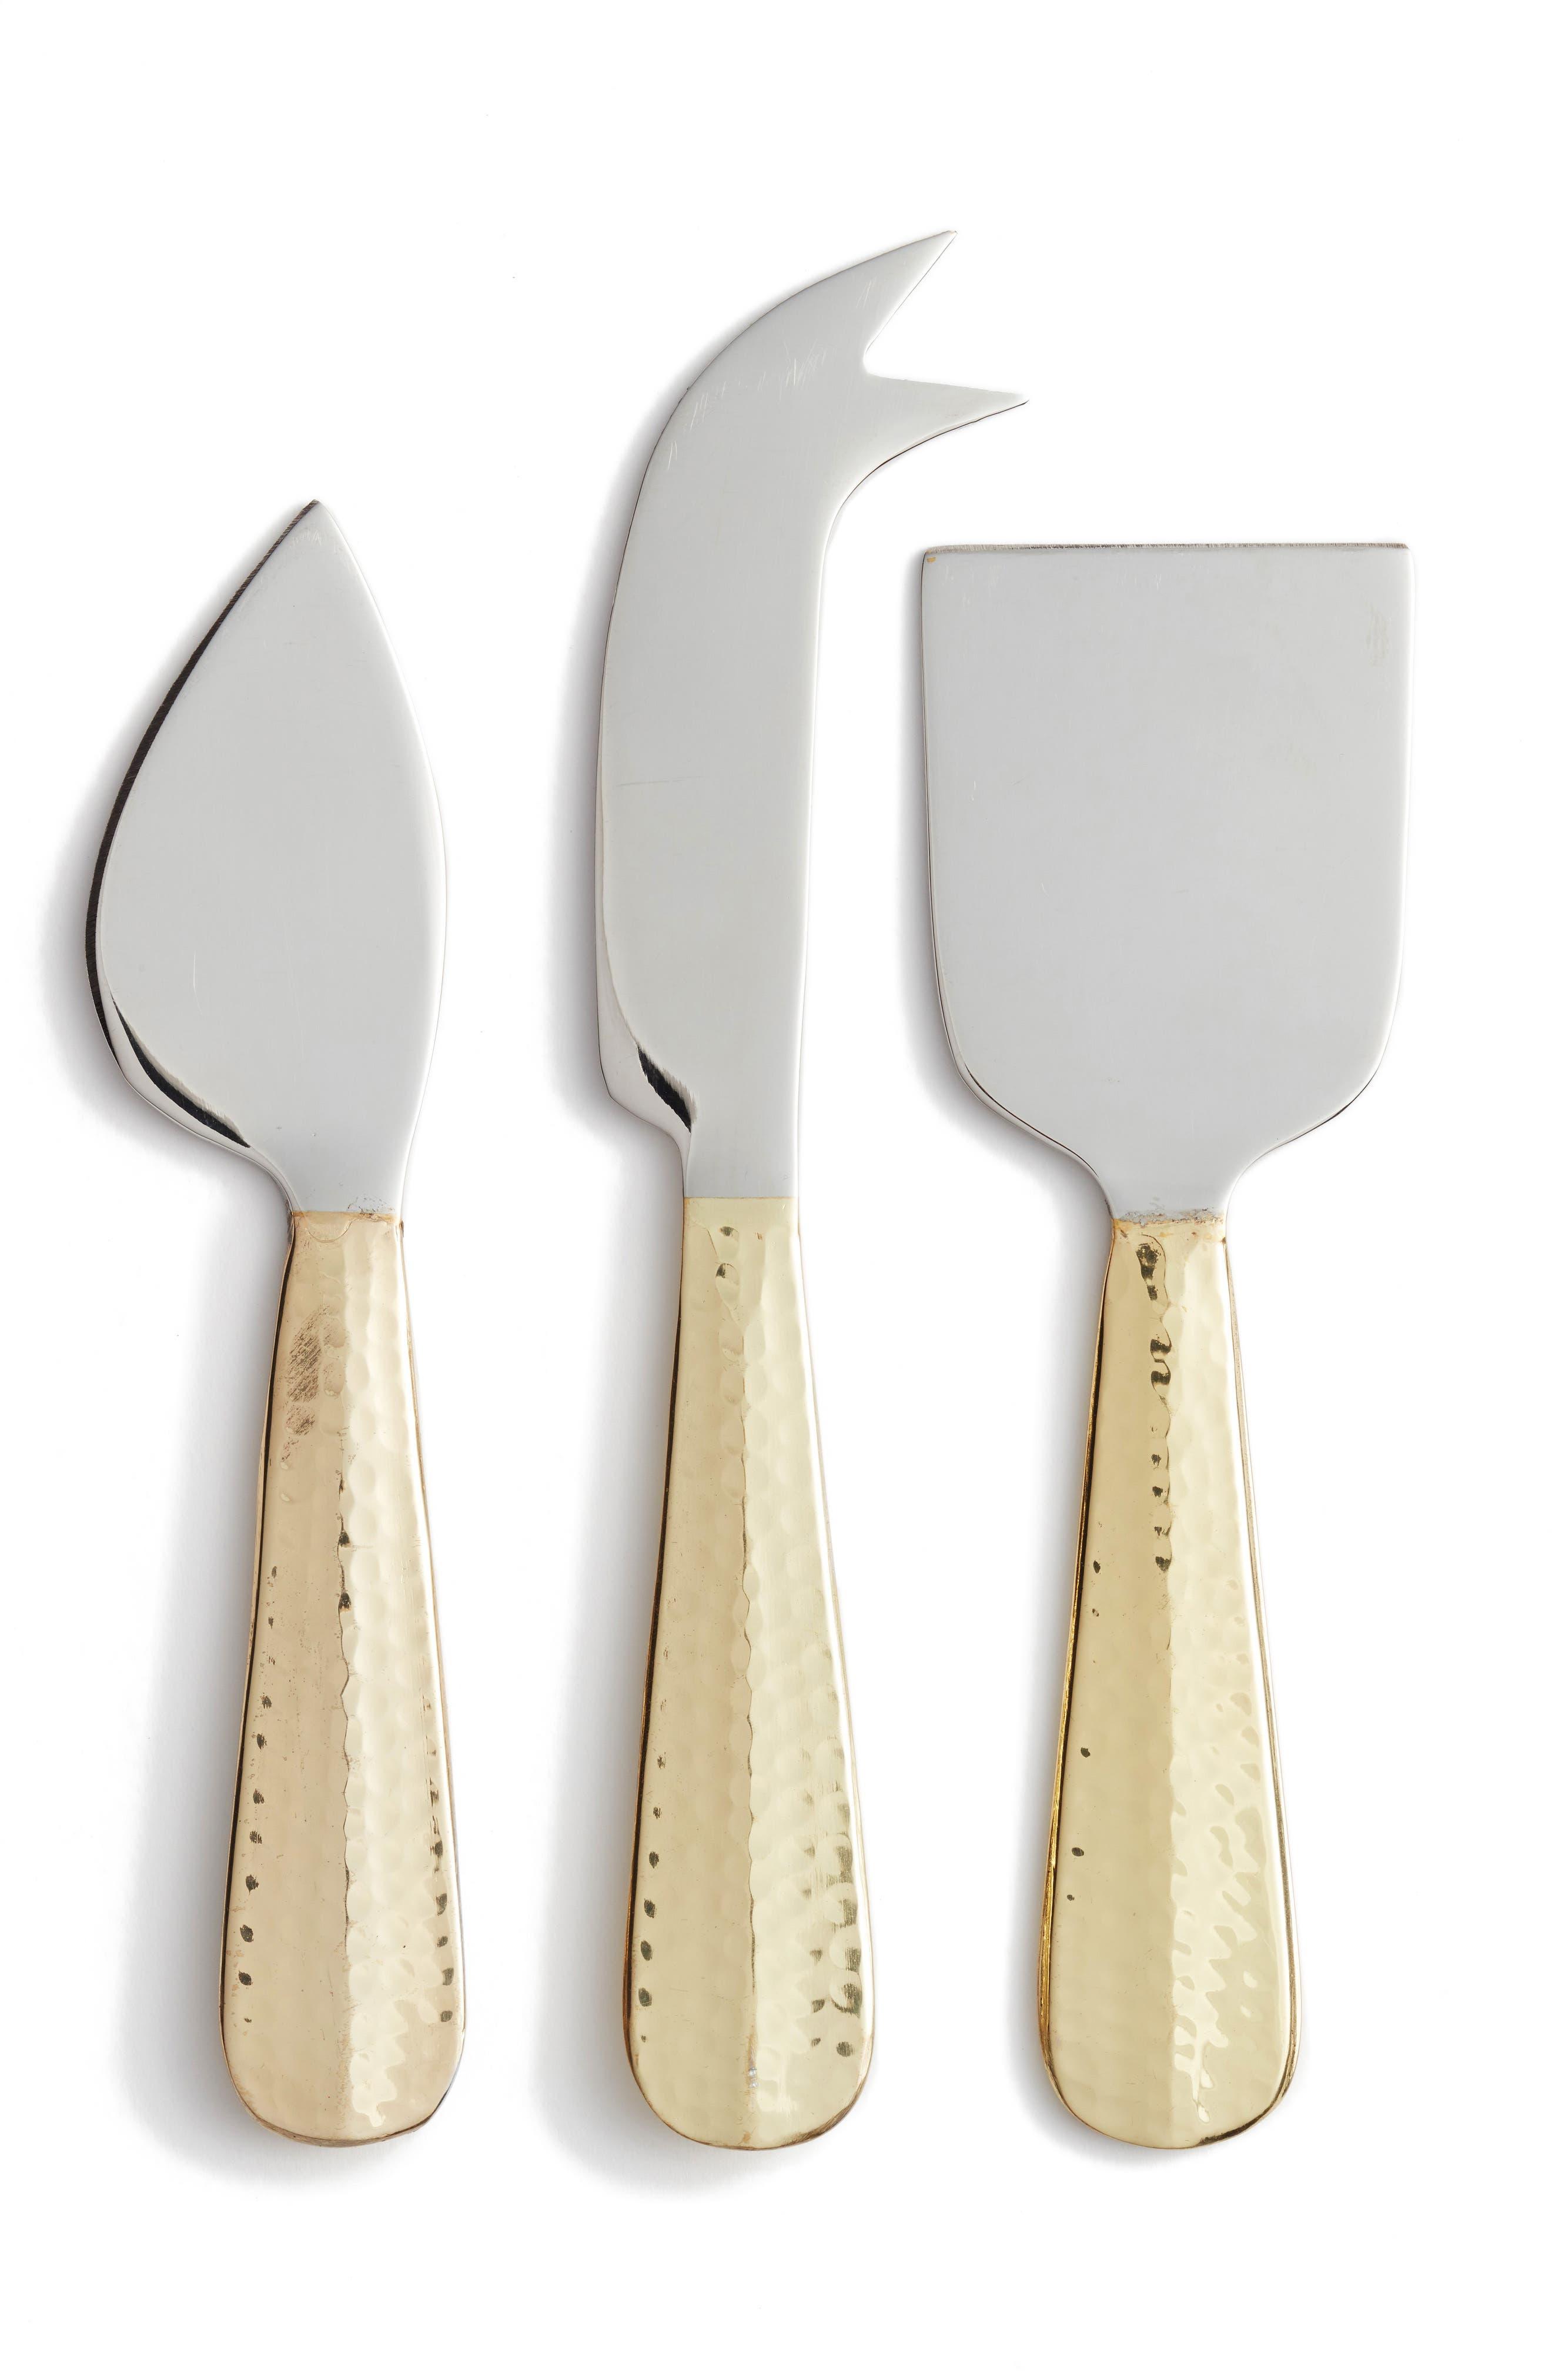 Set of 3 Cheese Knives,                             Main thumbnail 1, color,                             710